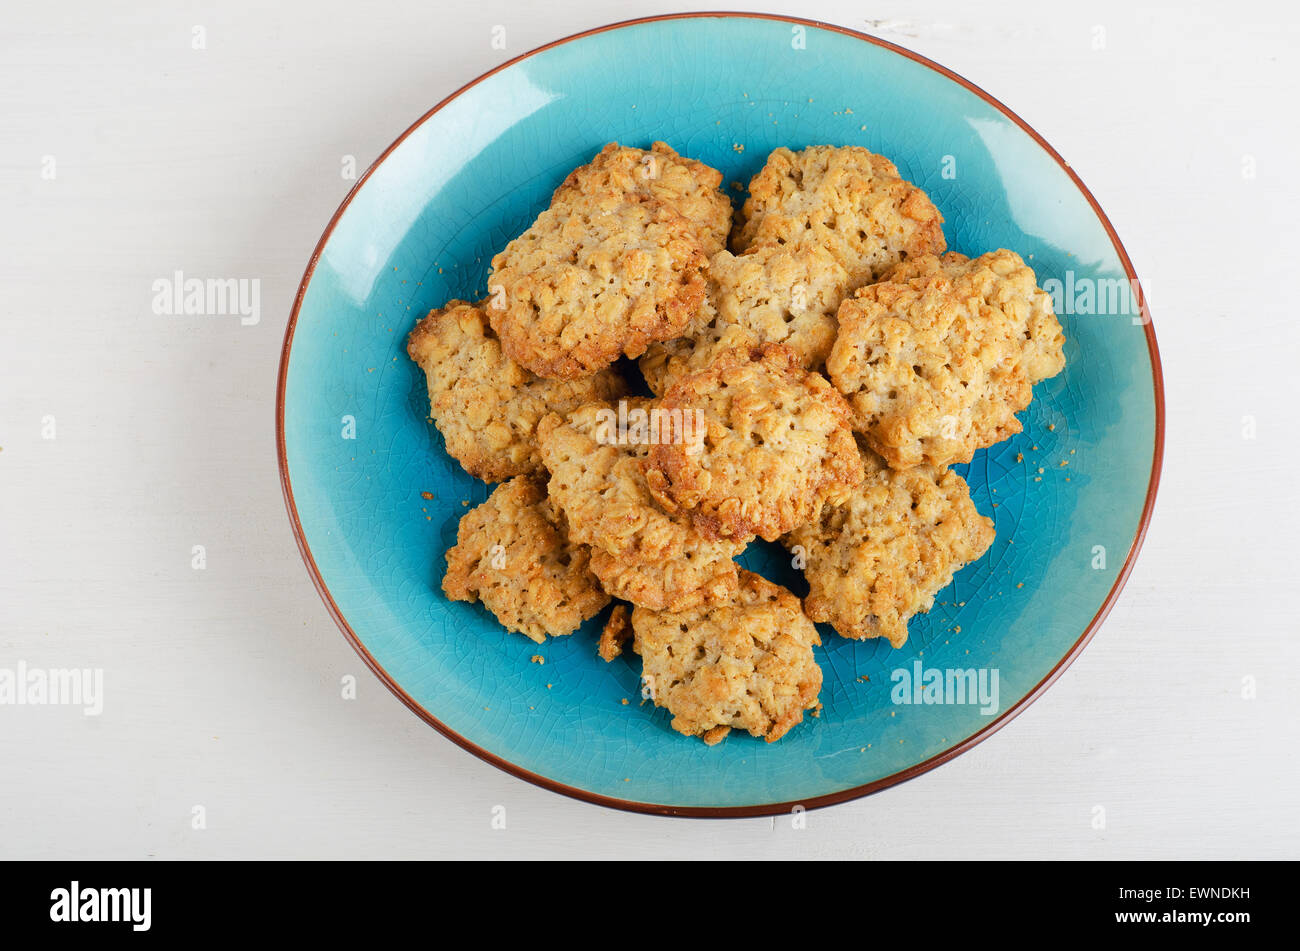 Biscuits fraîchement cuits dans une assiette bleue. Vue d'en haut Banque D'Images